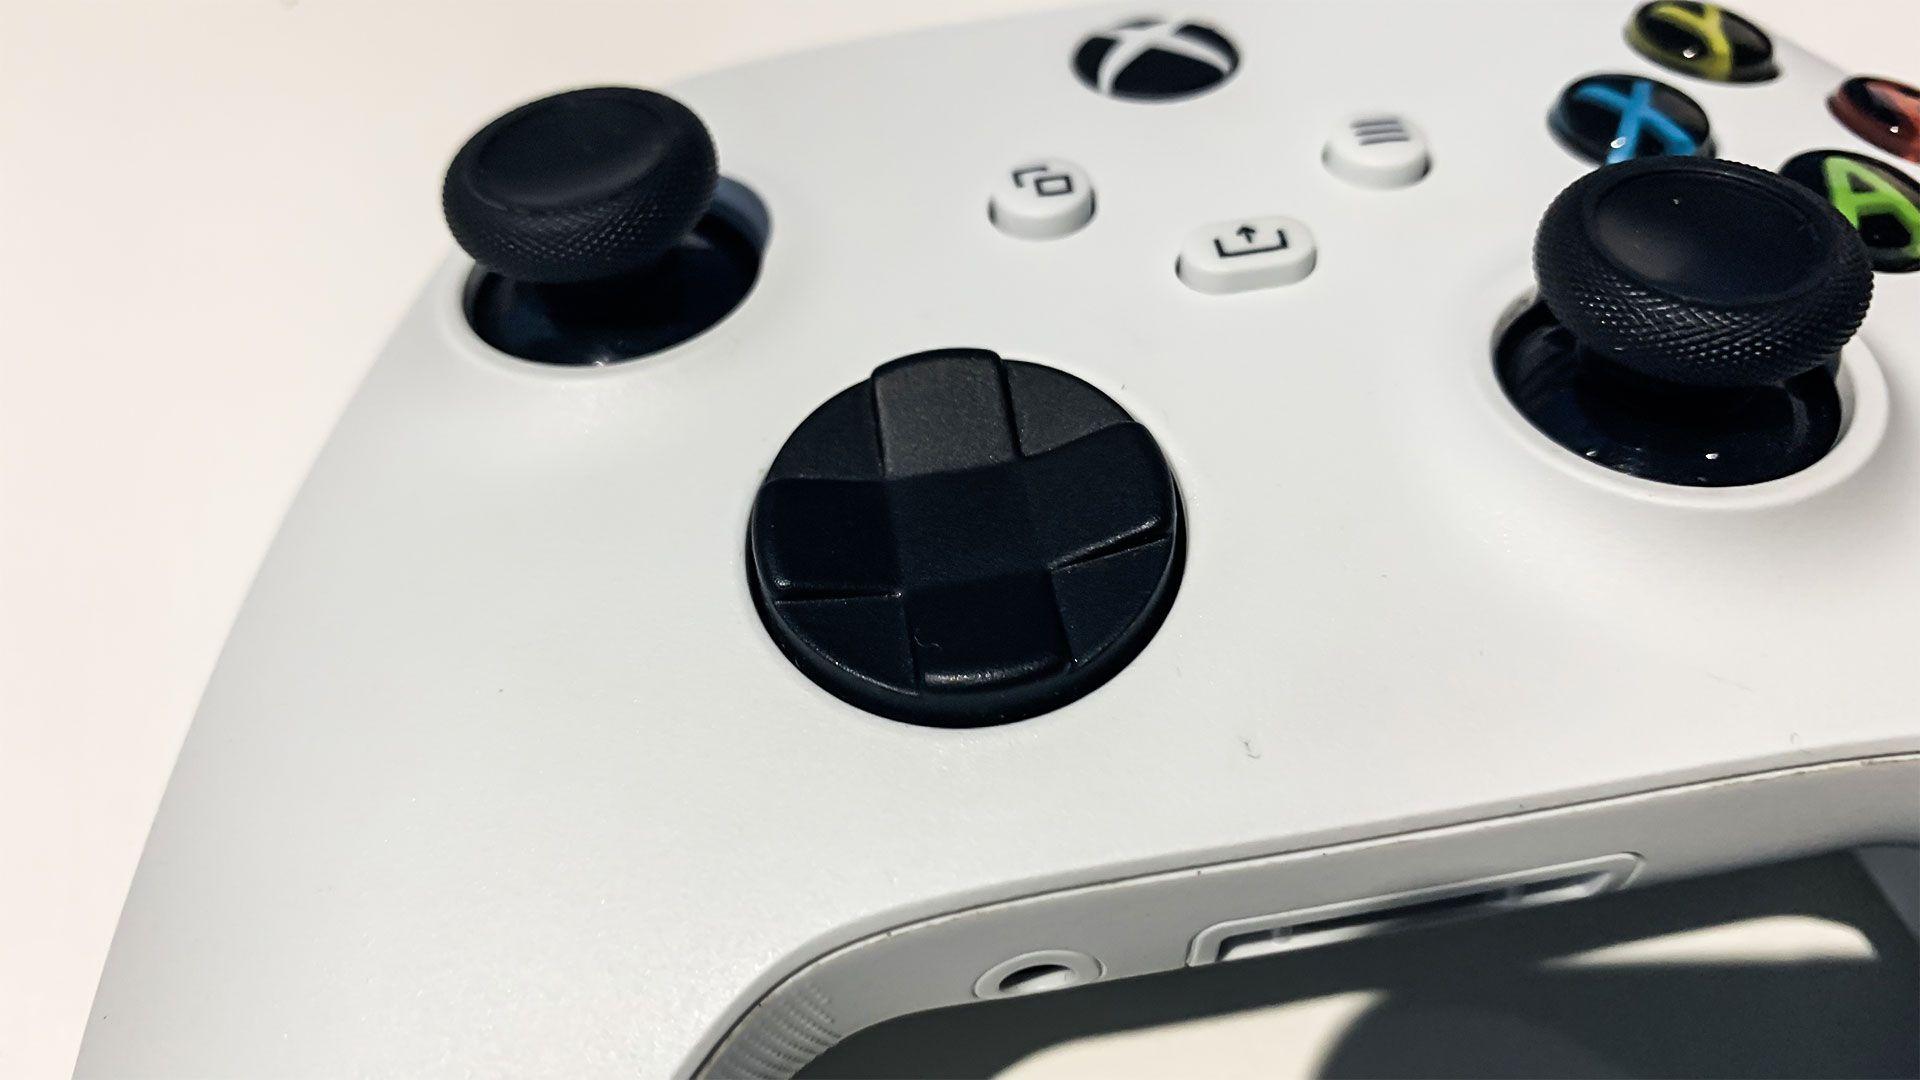 Foto em close do controle xbox series x/s mostrando d-pad